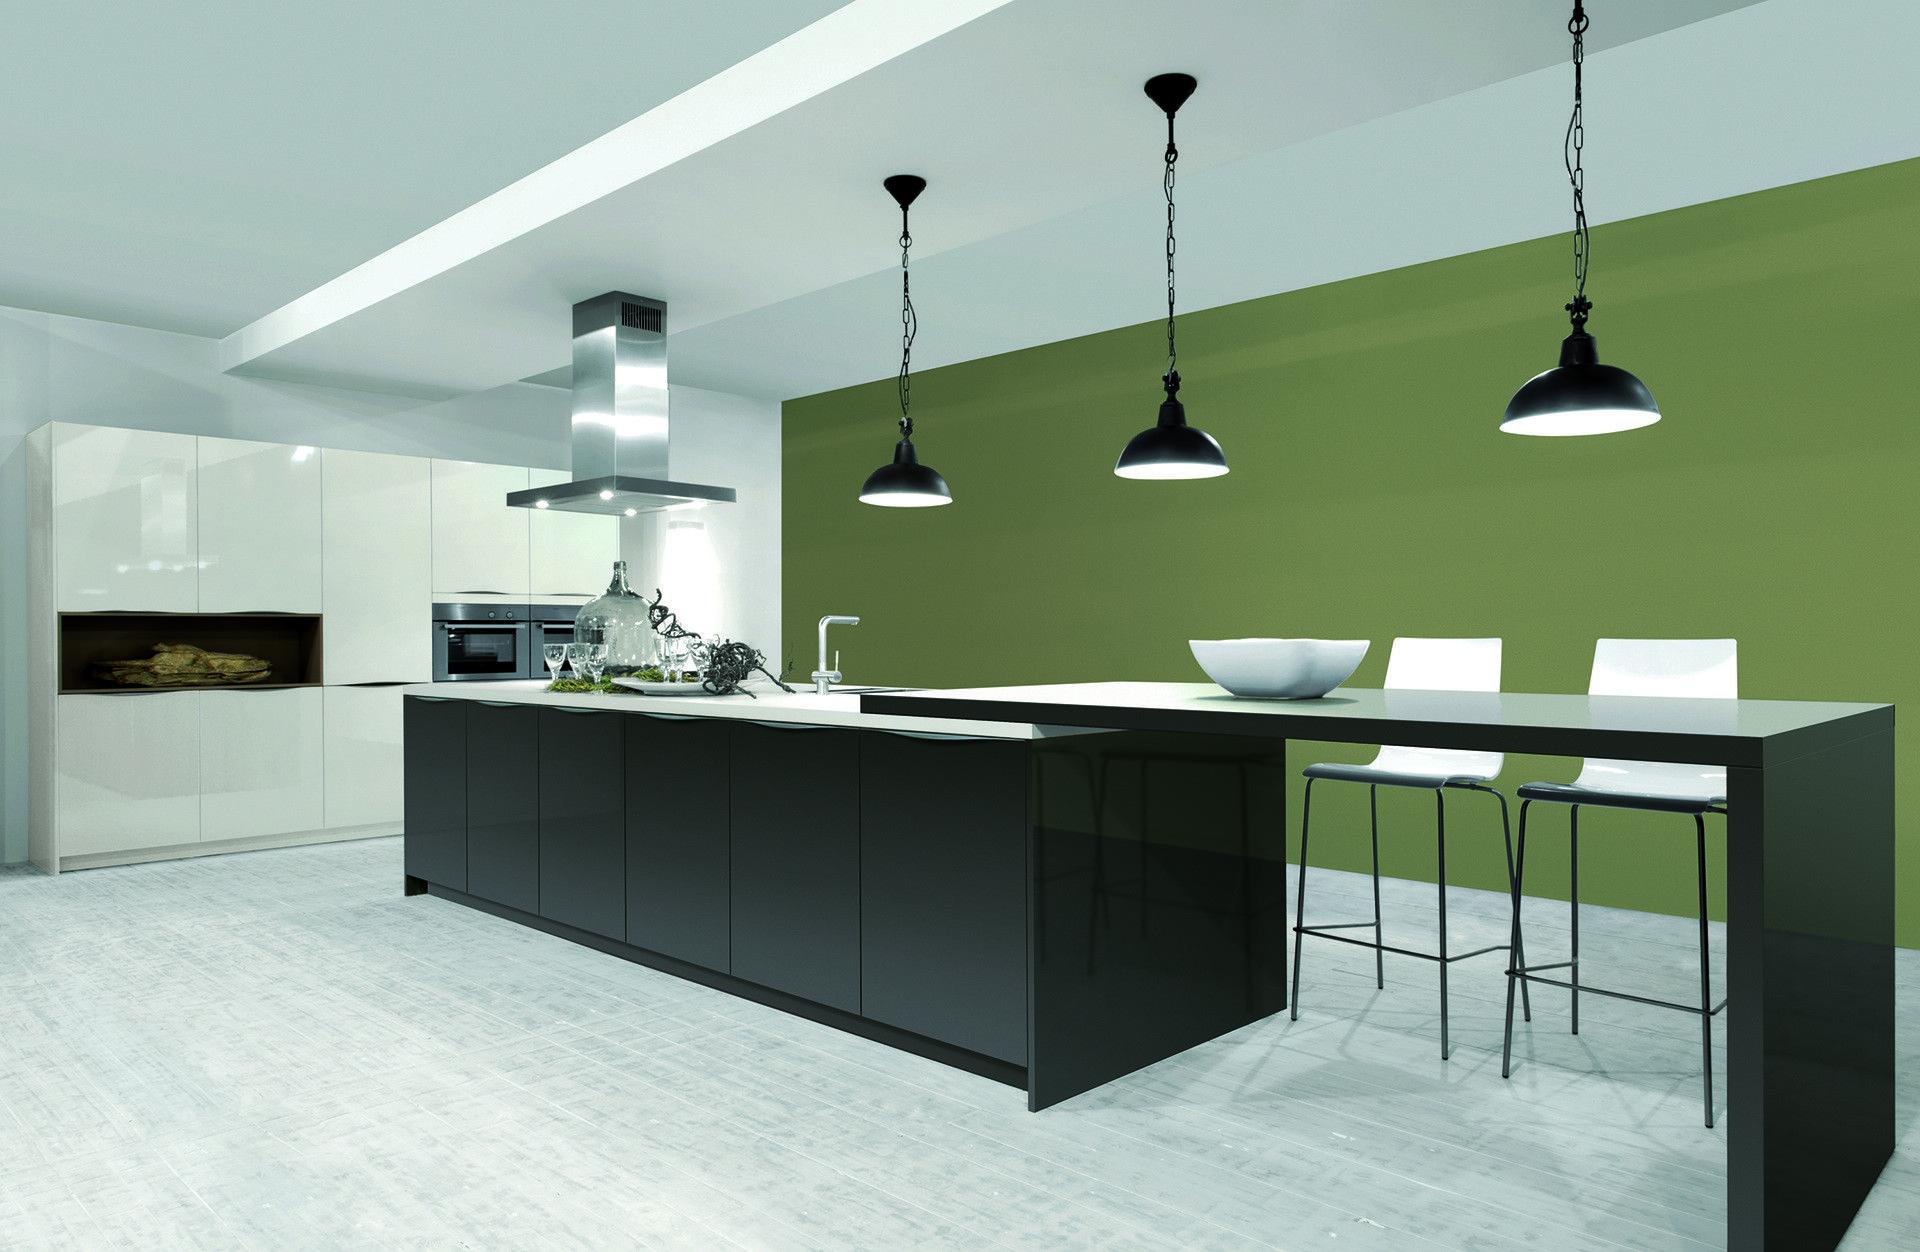 Designkeuken met hoogglans en matte kasten. Deze moderne keuken ...